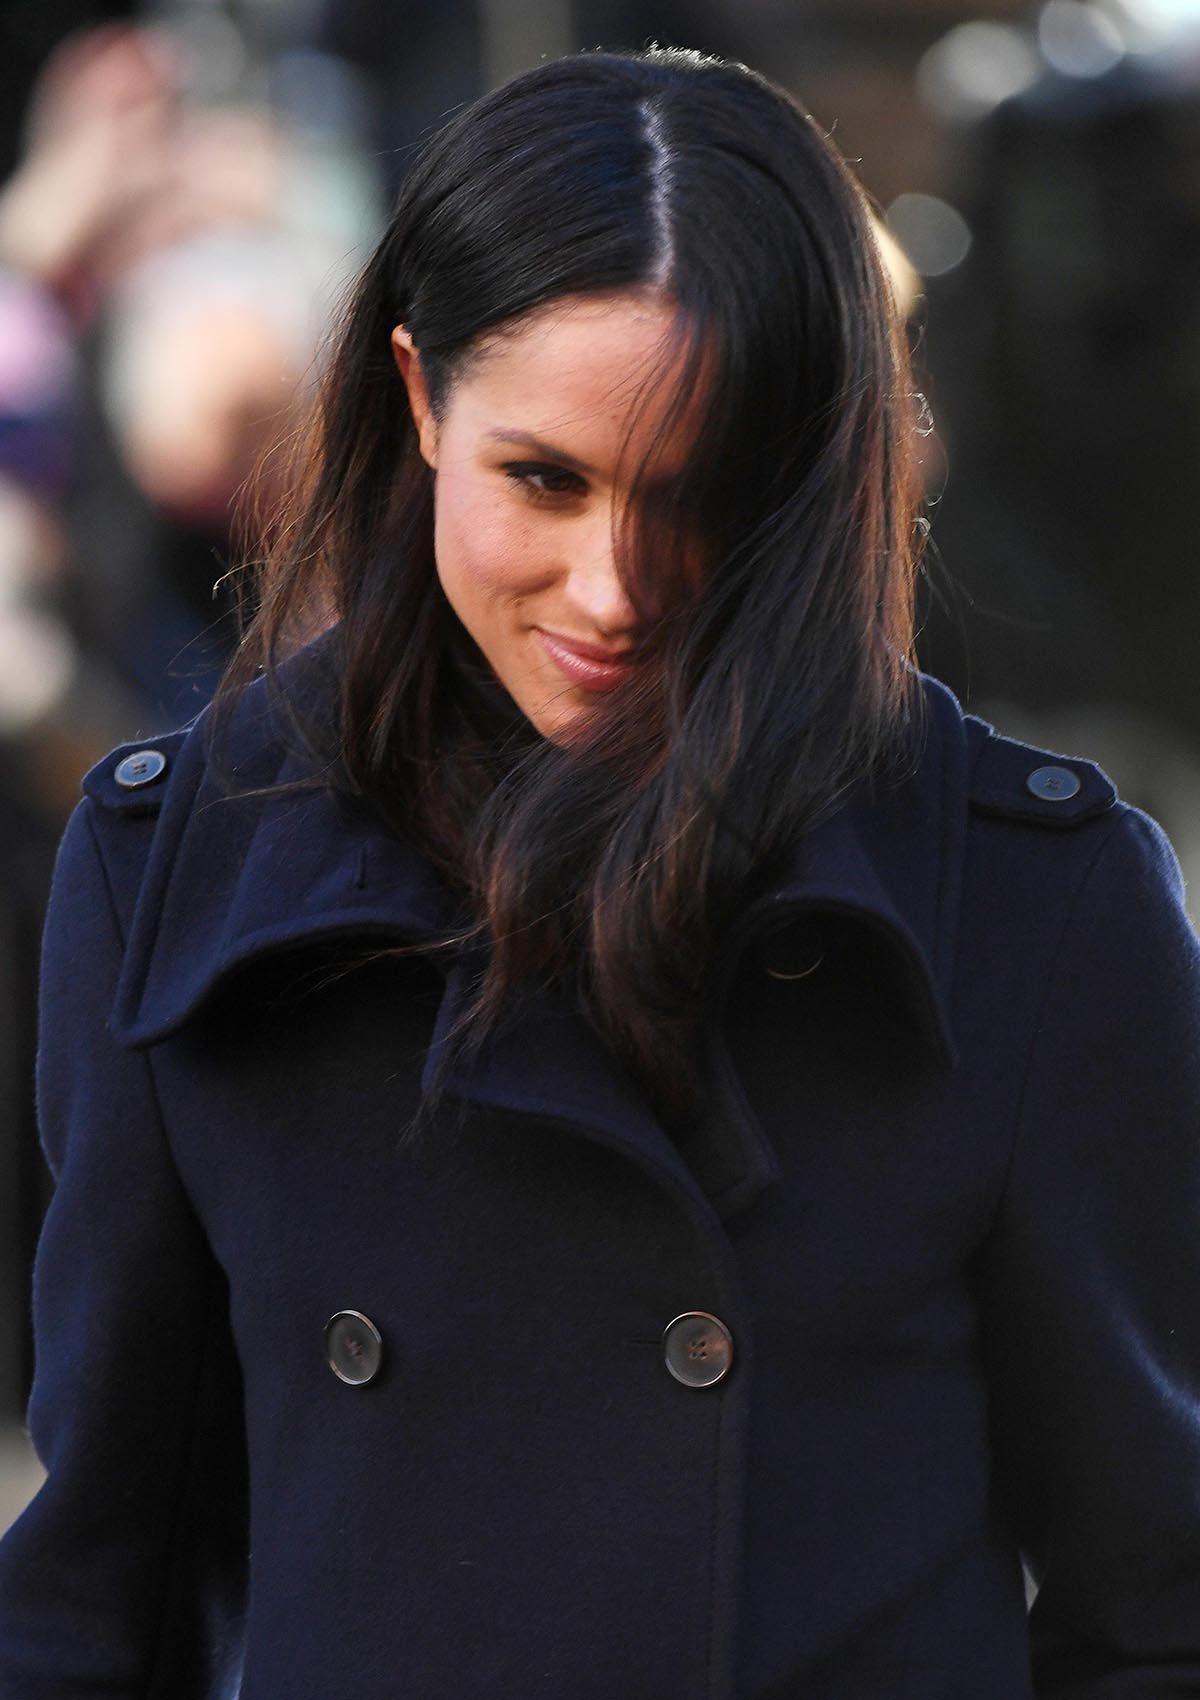 La famille royale compte désormais Meghan Markle parmi ses membres.